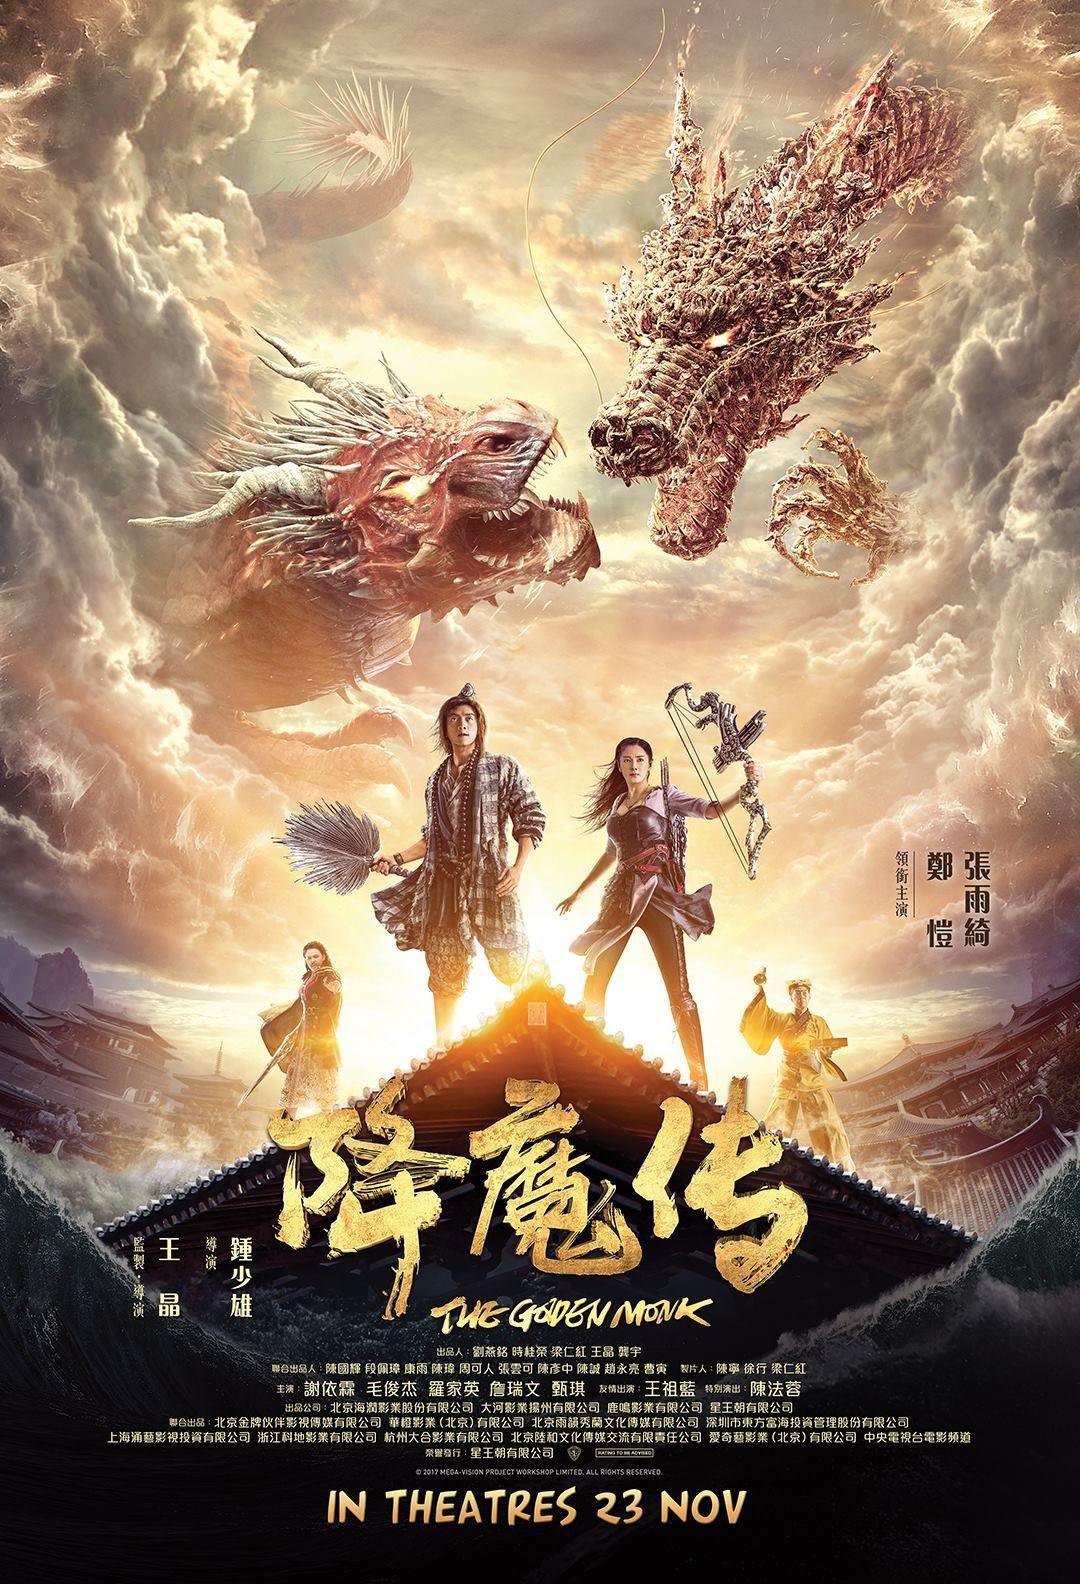 降魔传 (The Golden Monk) (With images)